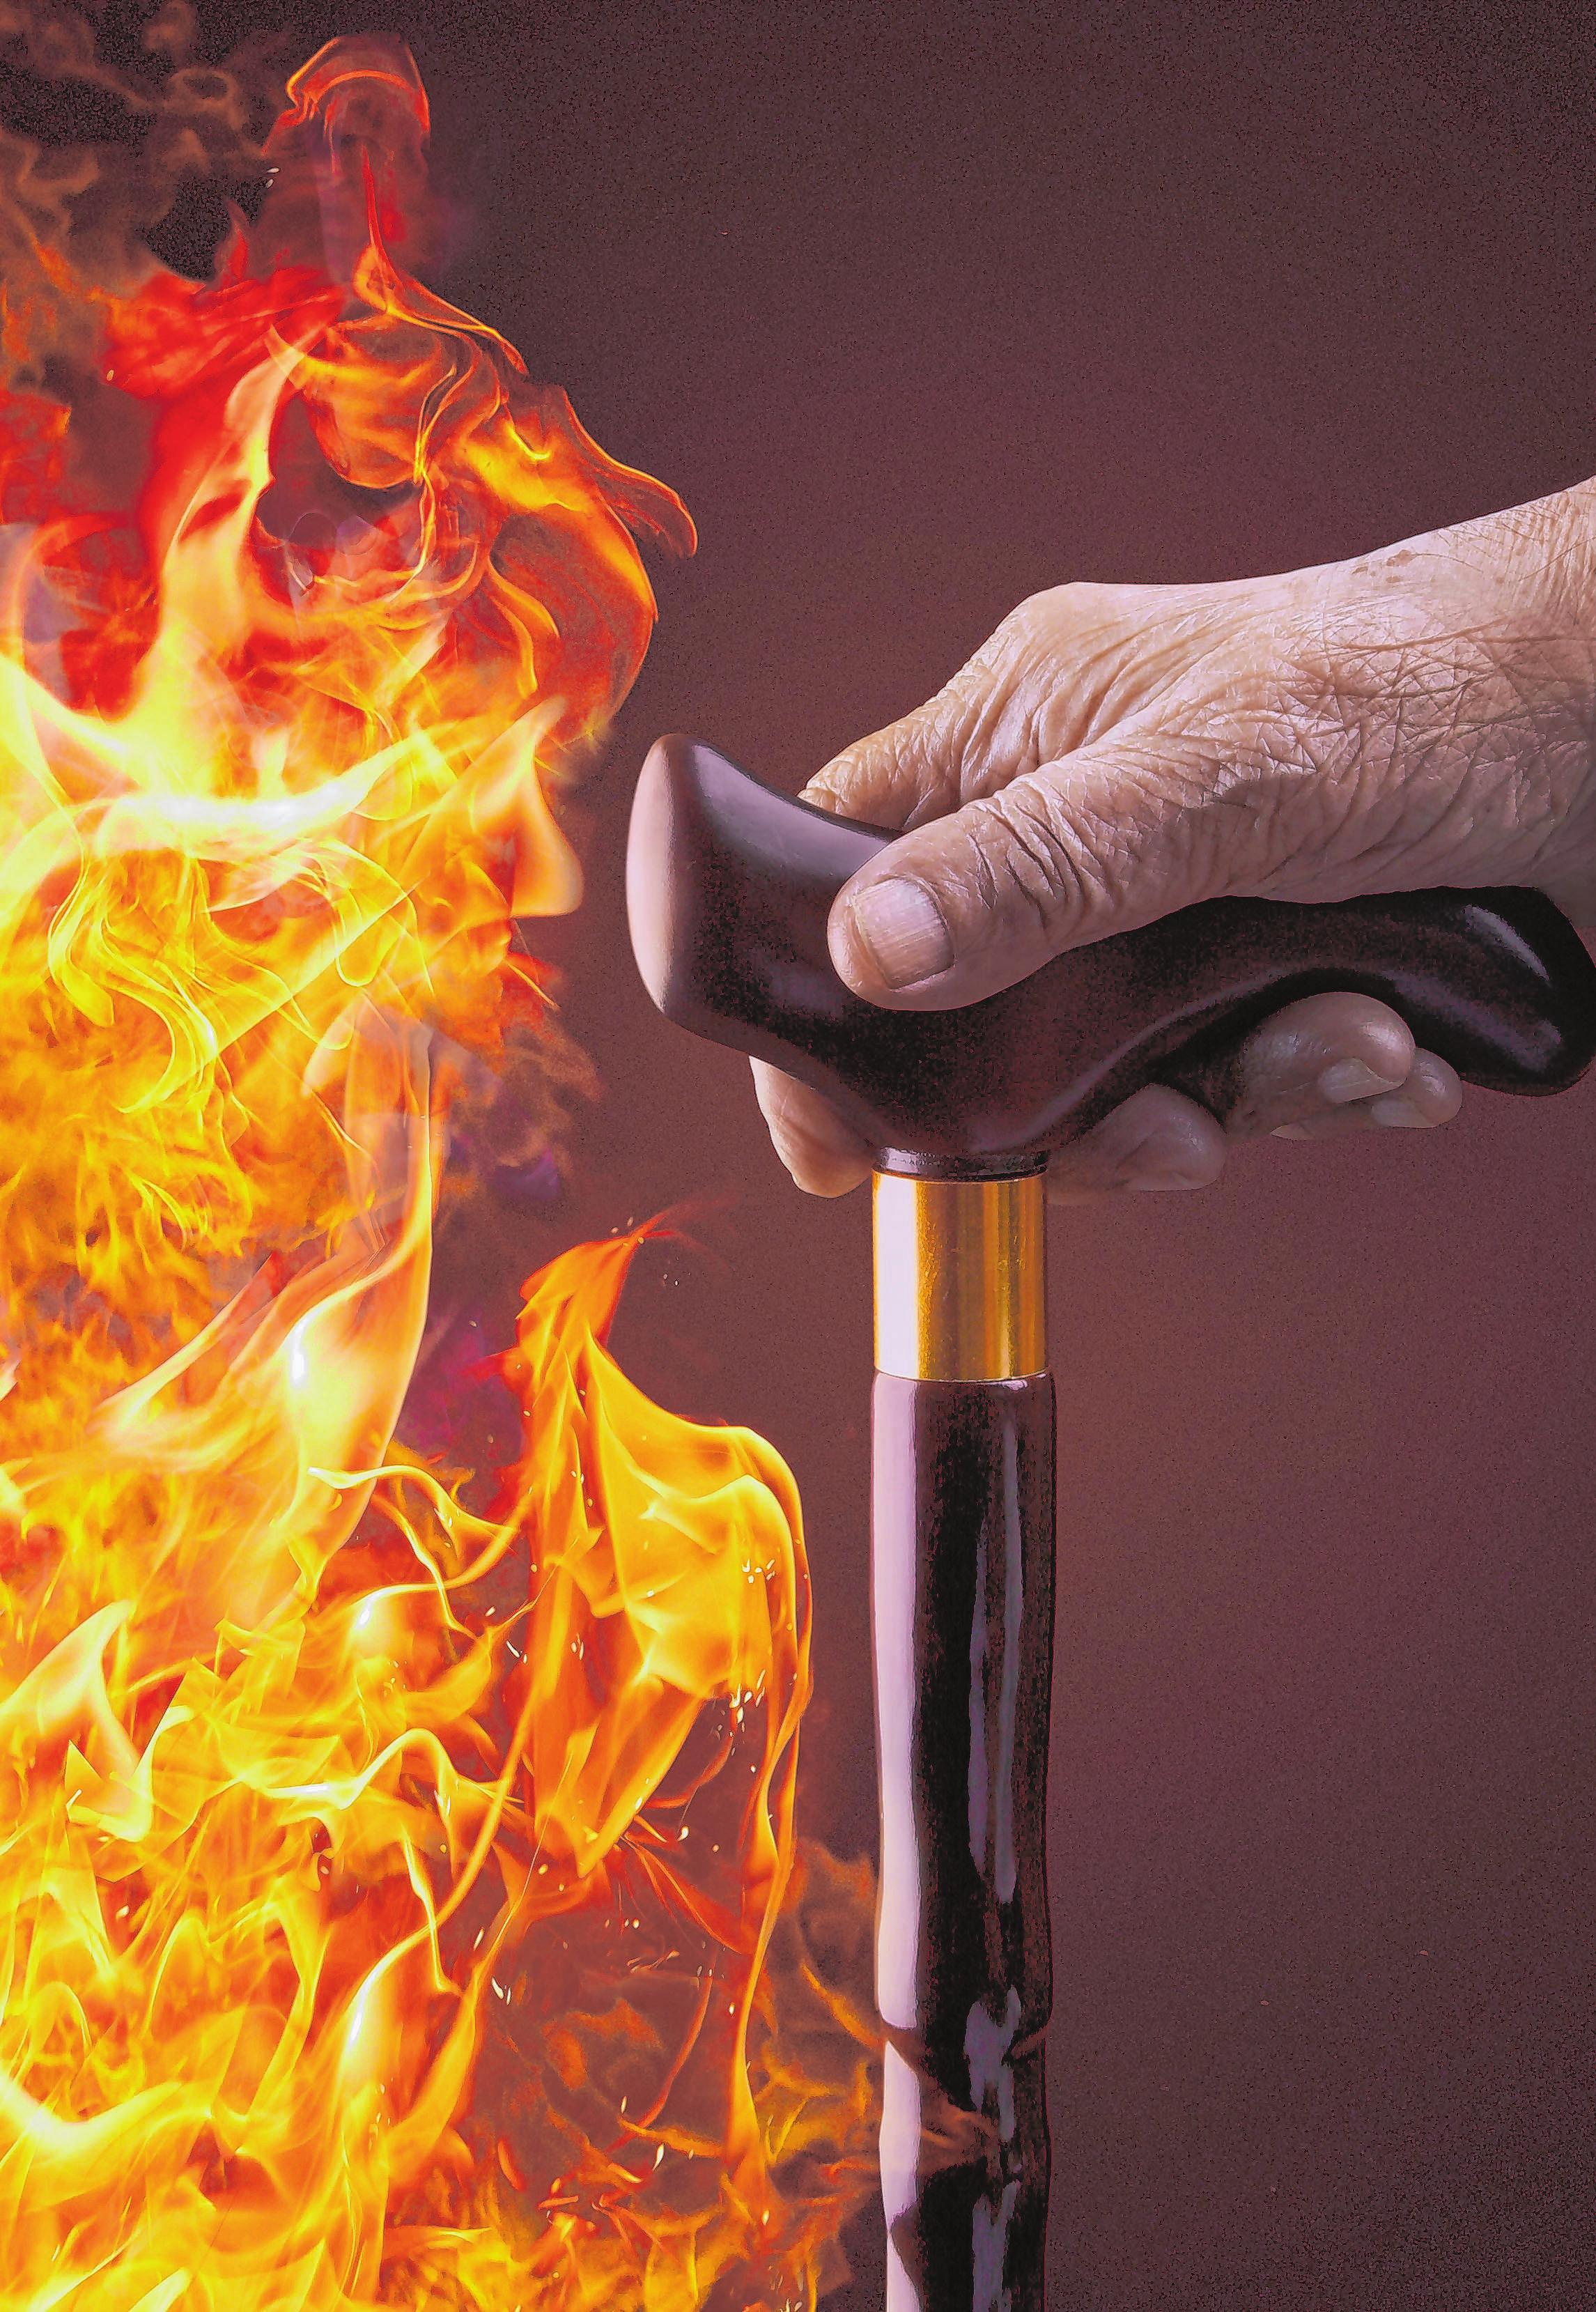 """Senioren sind in einem Brandfall besonders gefährdet. Foto: Initiative """"Rauchmelder retten leben"""""""